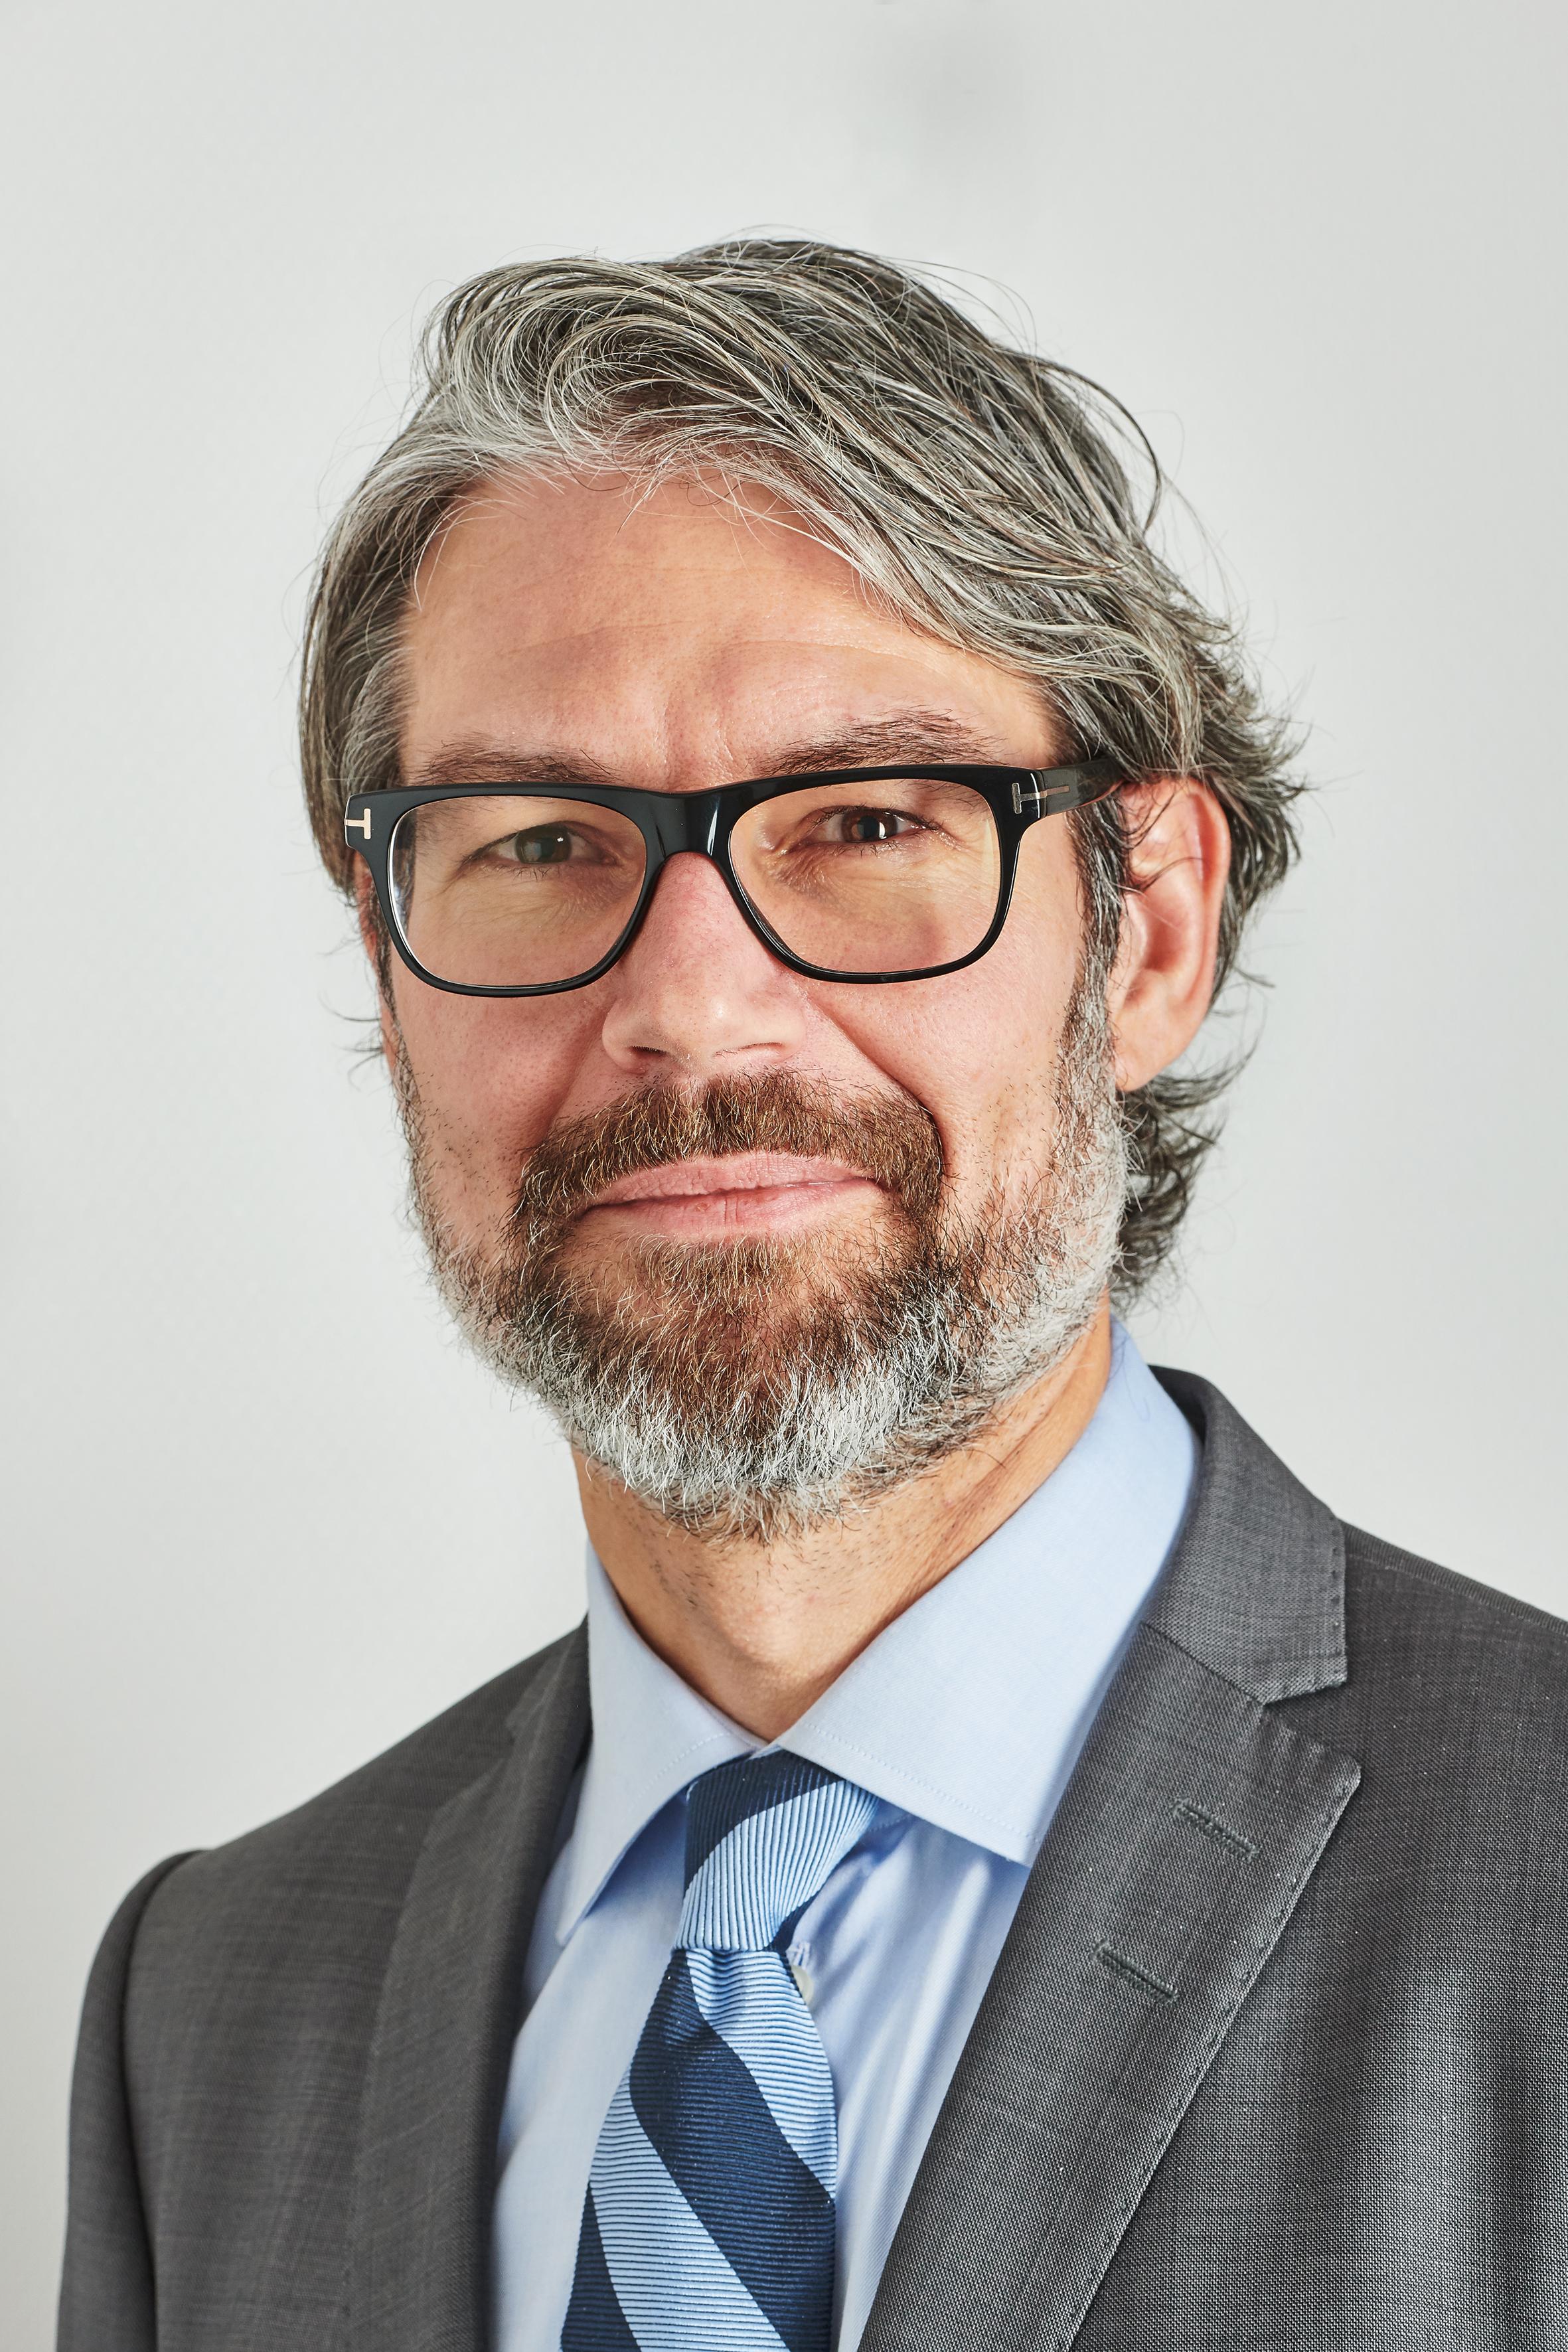 Karsten A. Anfinsen